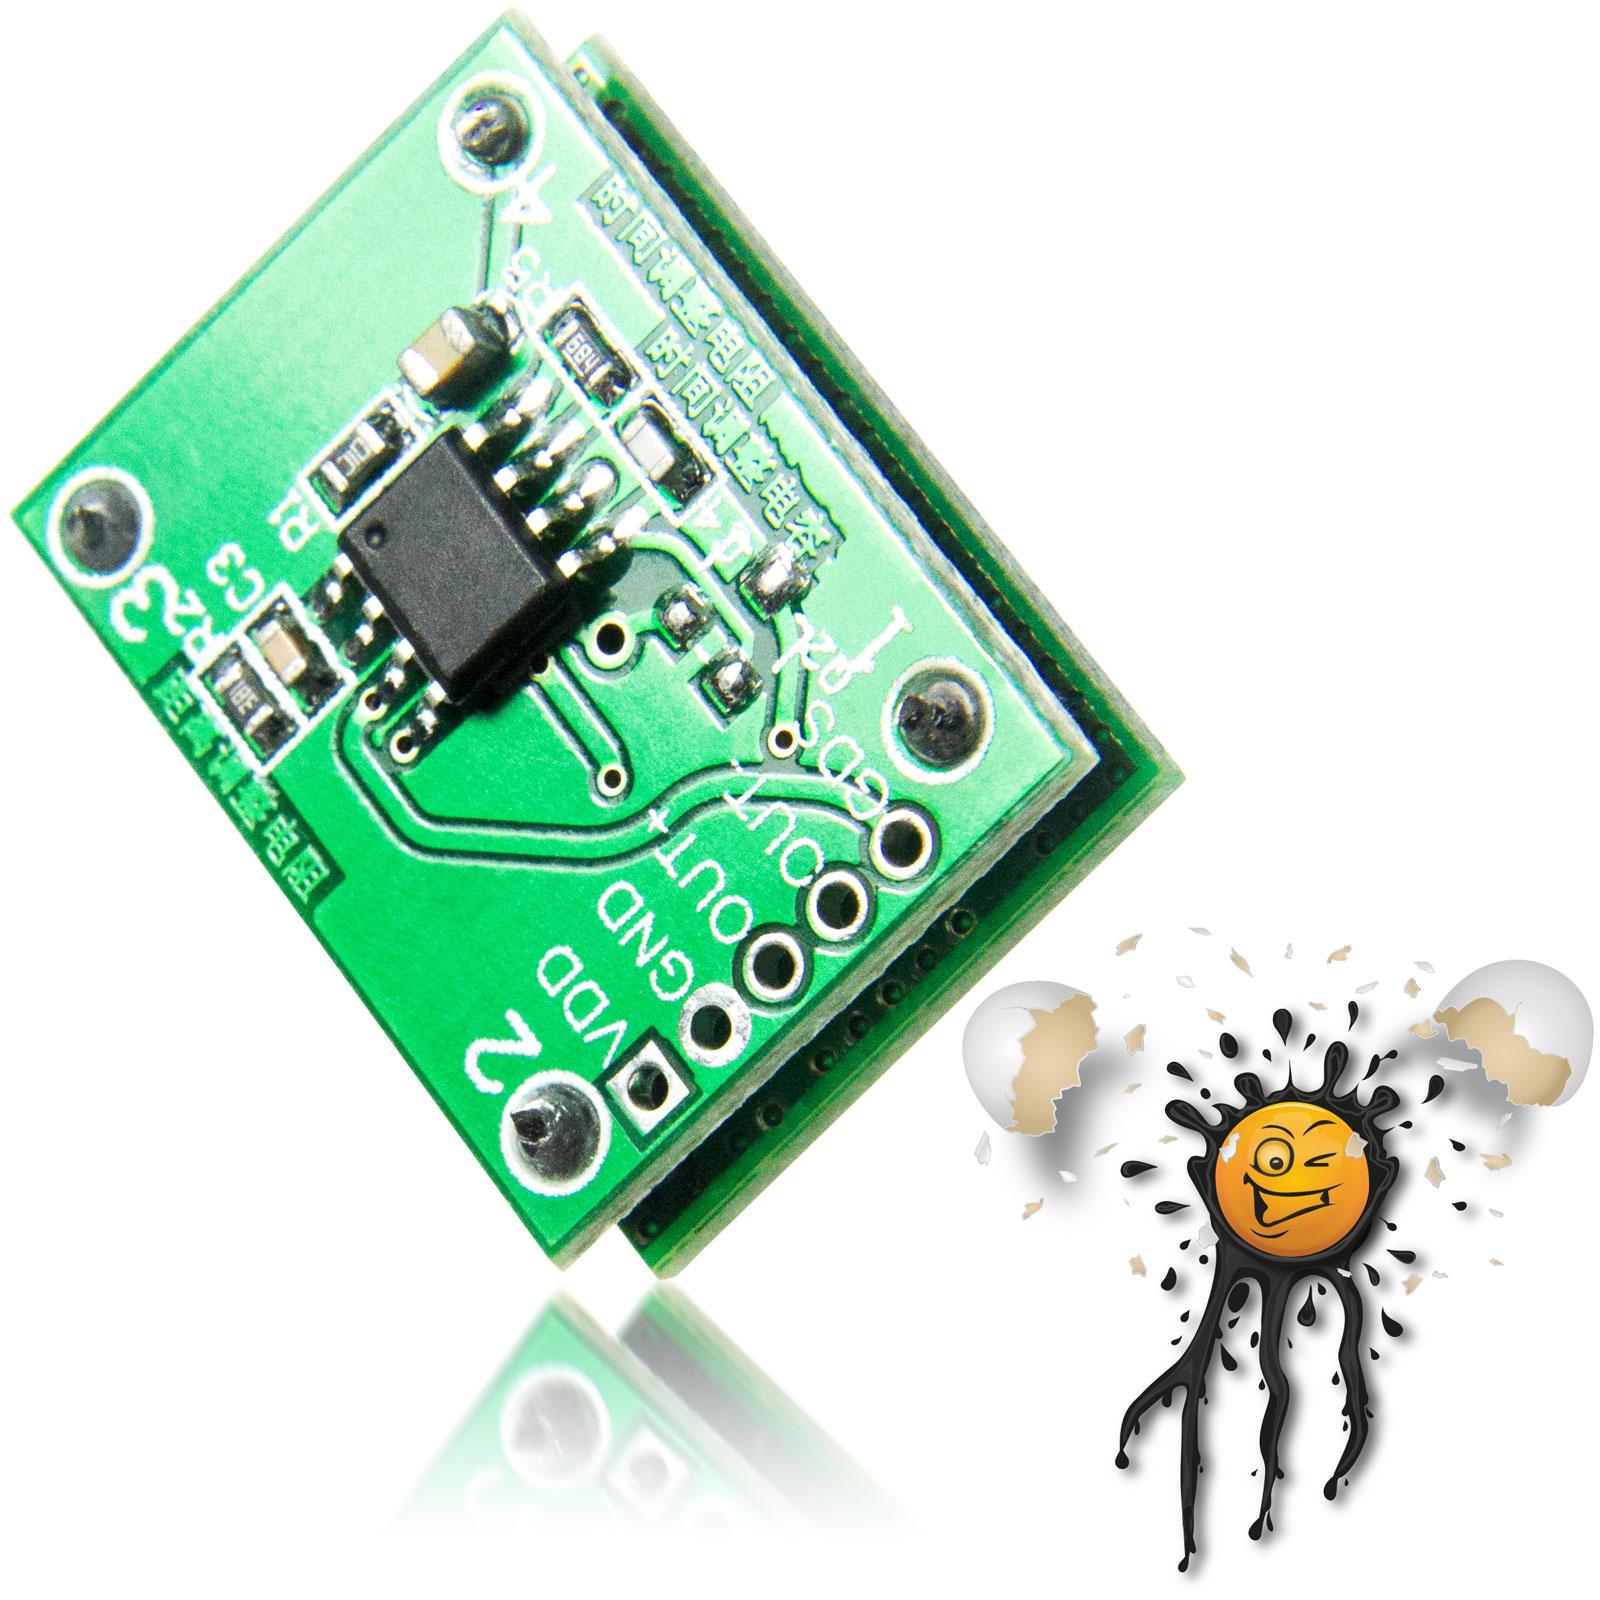 LV002 Radar microwave Sensor Module